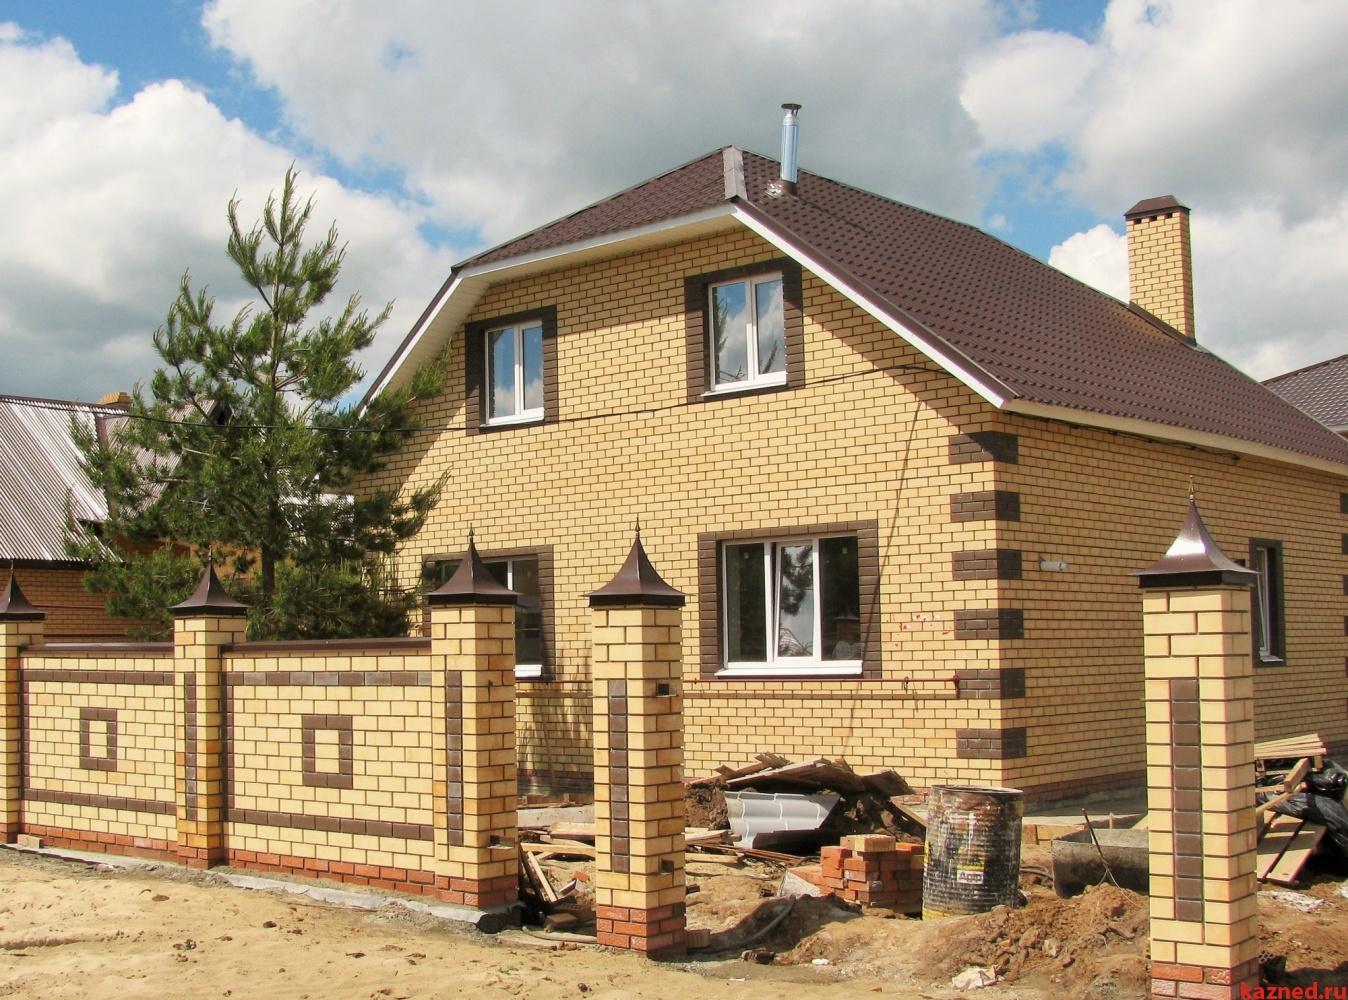 шатровой дом из желтого и коричневого кирпича фото можно